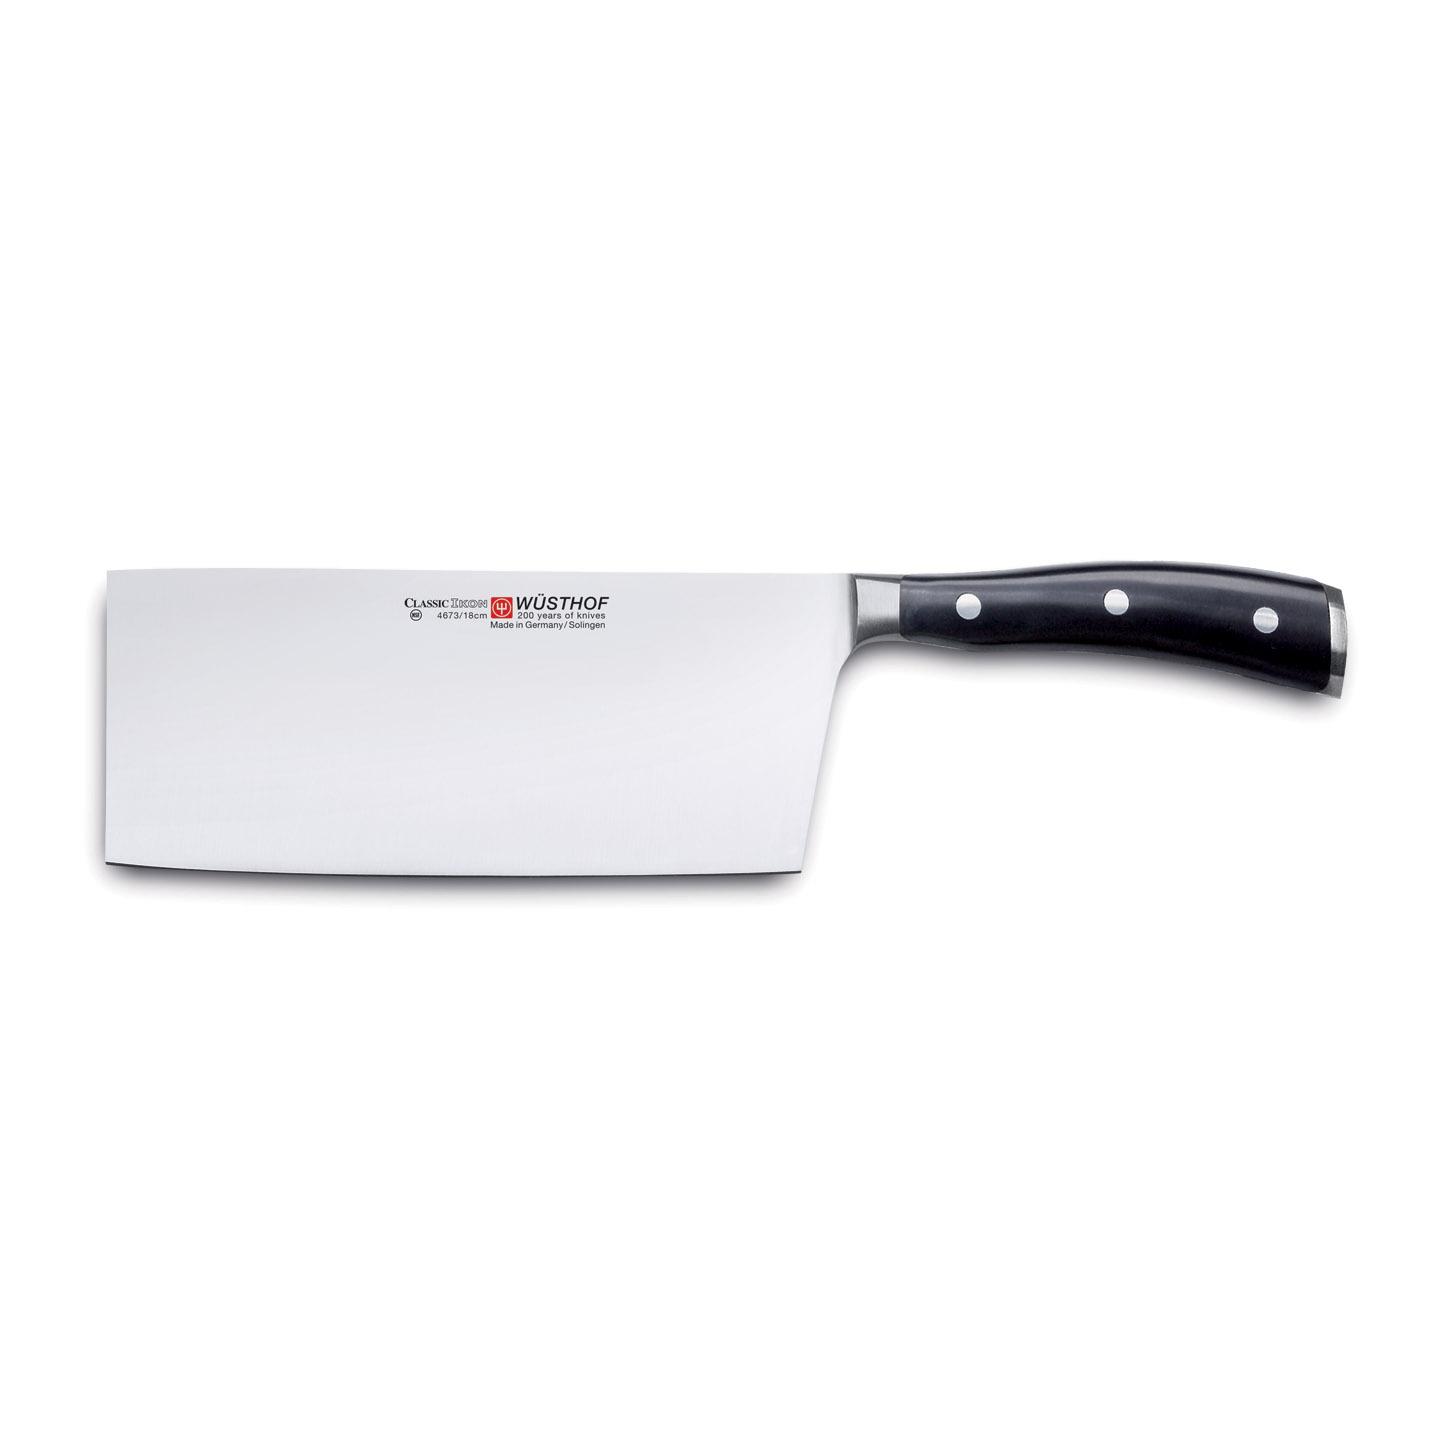 Čínsky kuchársky nôž 18 cm Classic Ikon WÜSTHOF